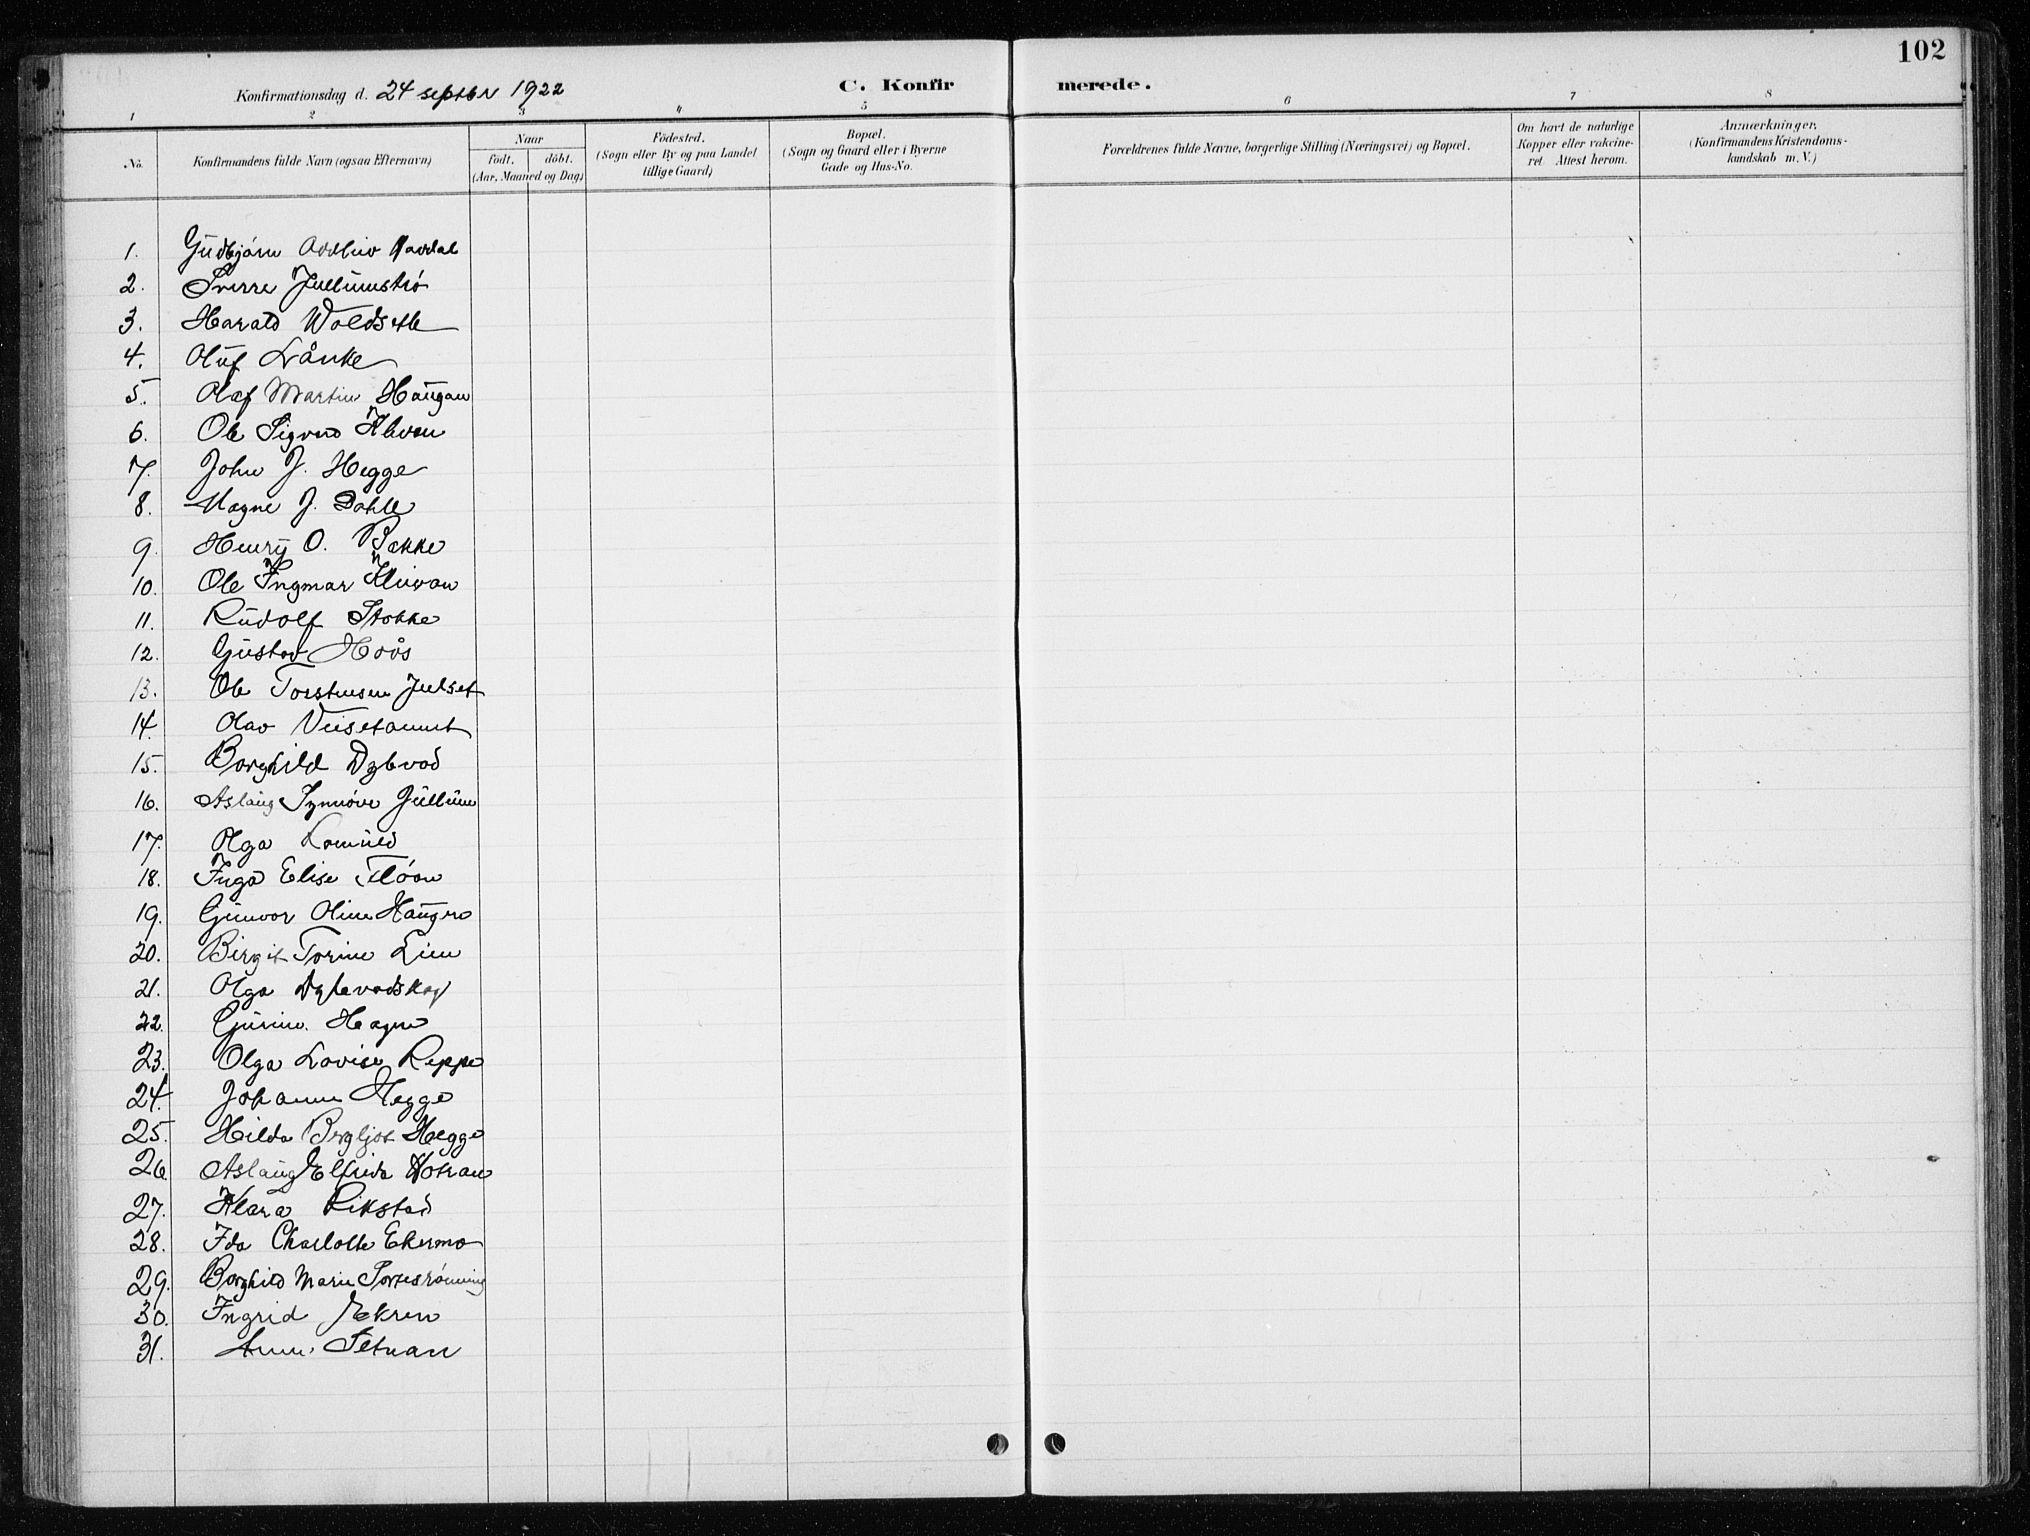 SAT, Ministerialprotokoller, klokkerbøker og fødselsregistre - Nord-Trøndelag, 710/L0096: Klokkerbok nr. 710C01, 1892-1925, s. 102